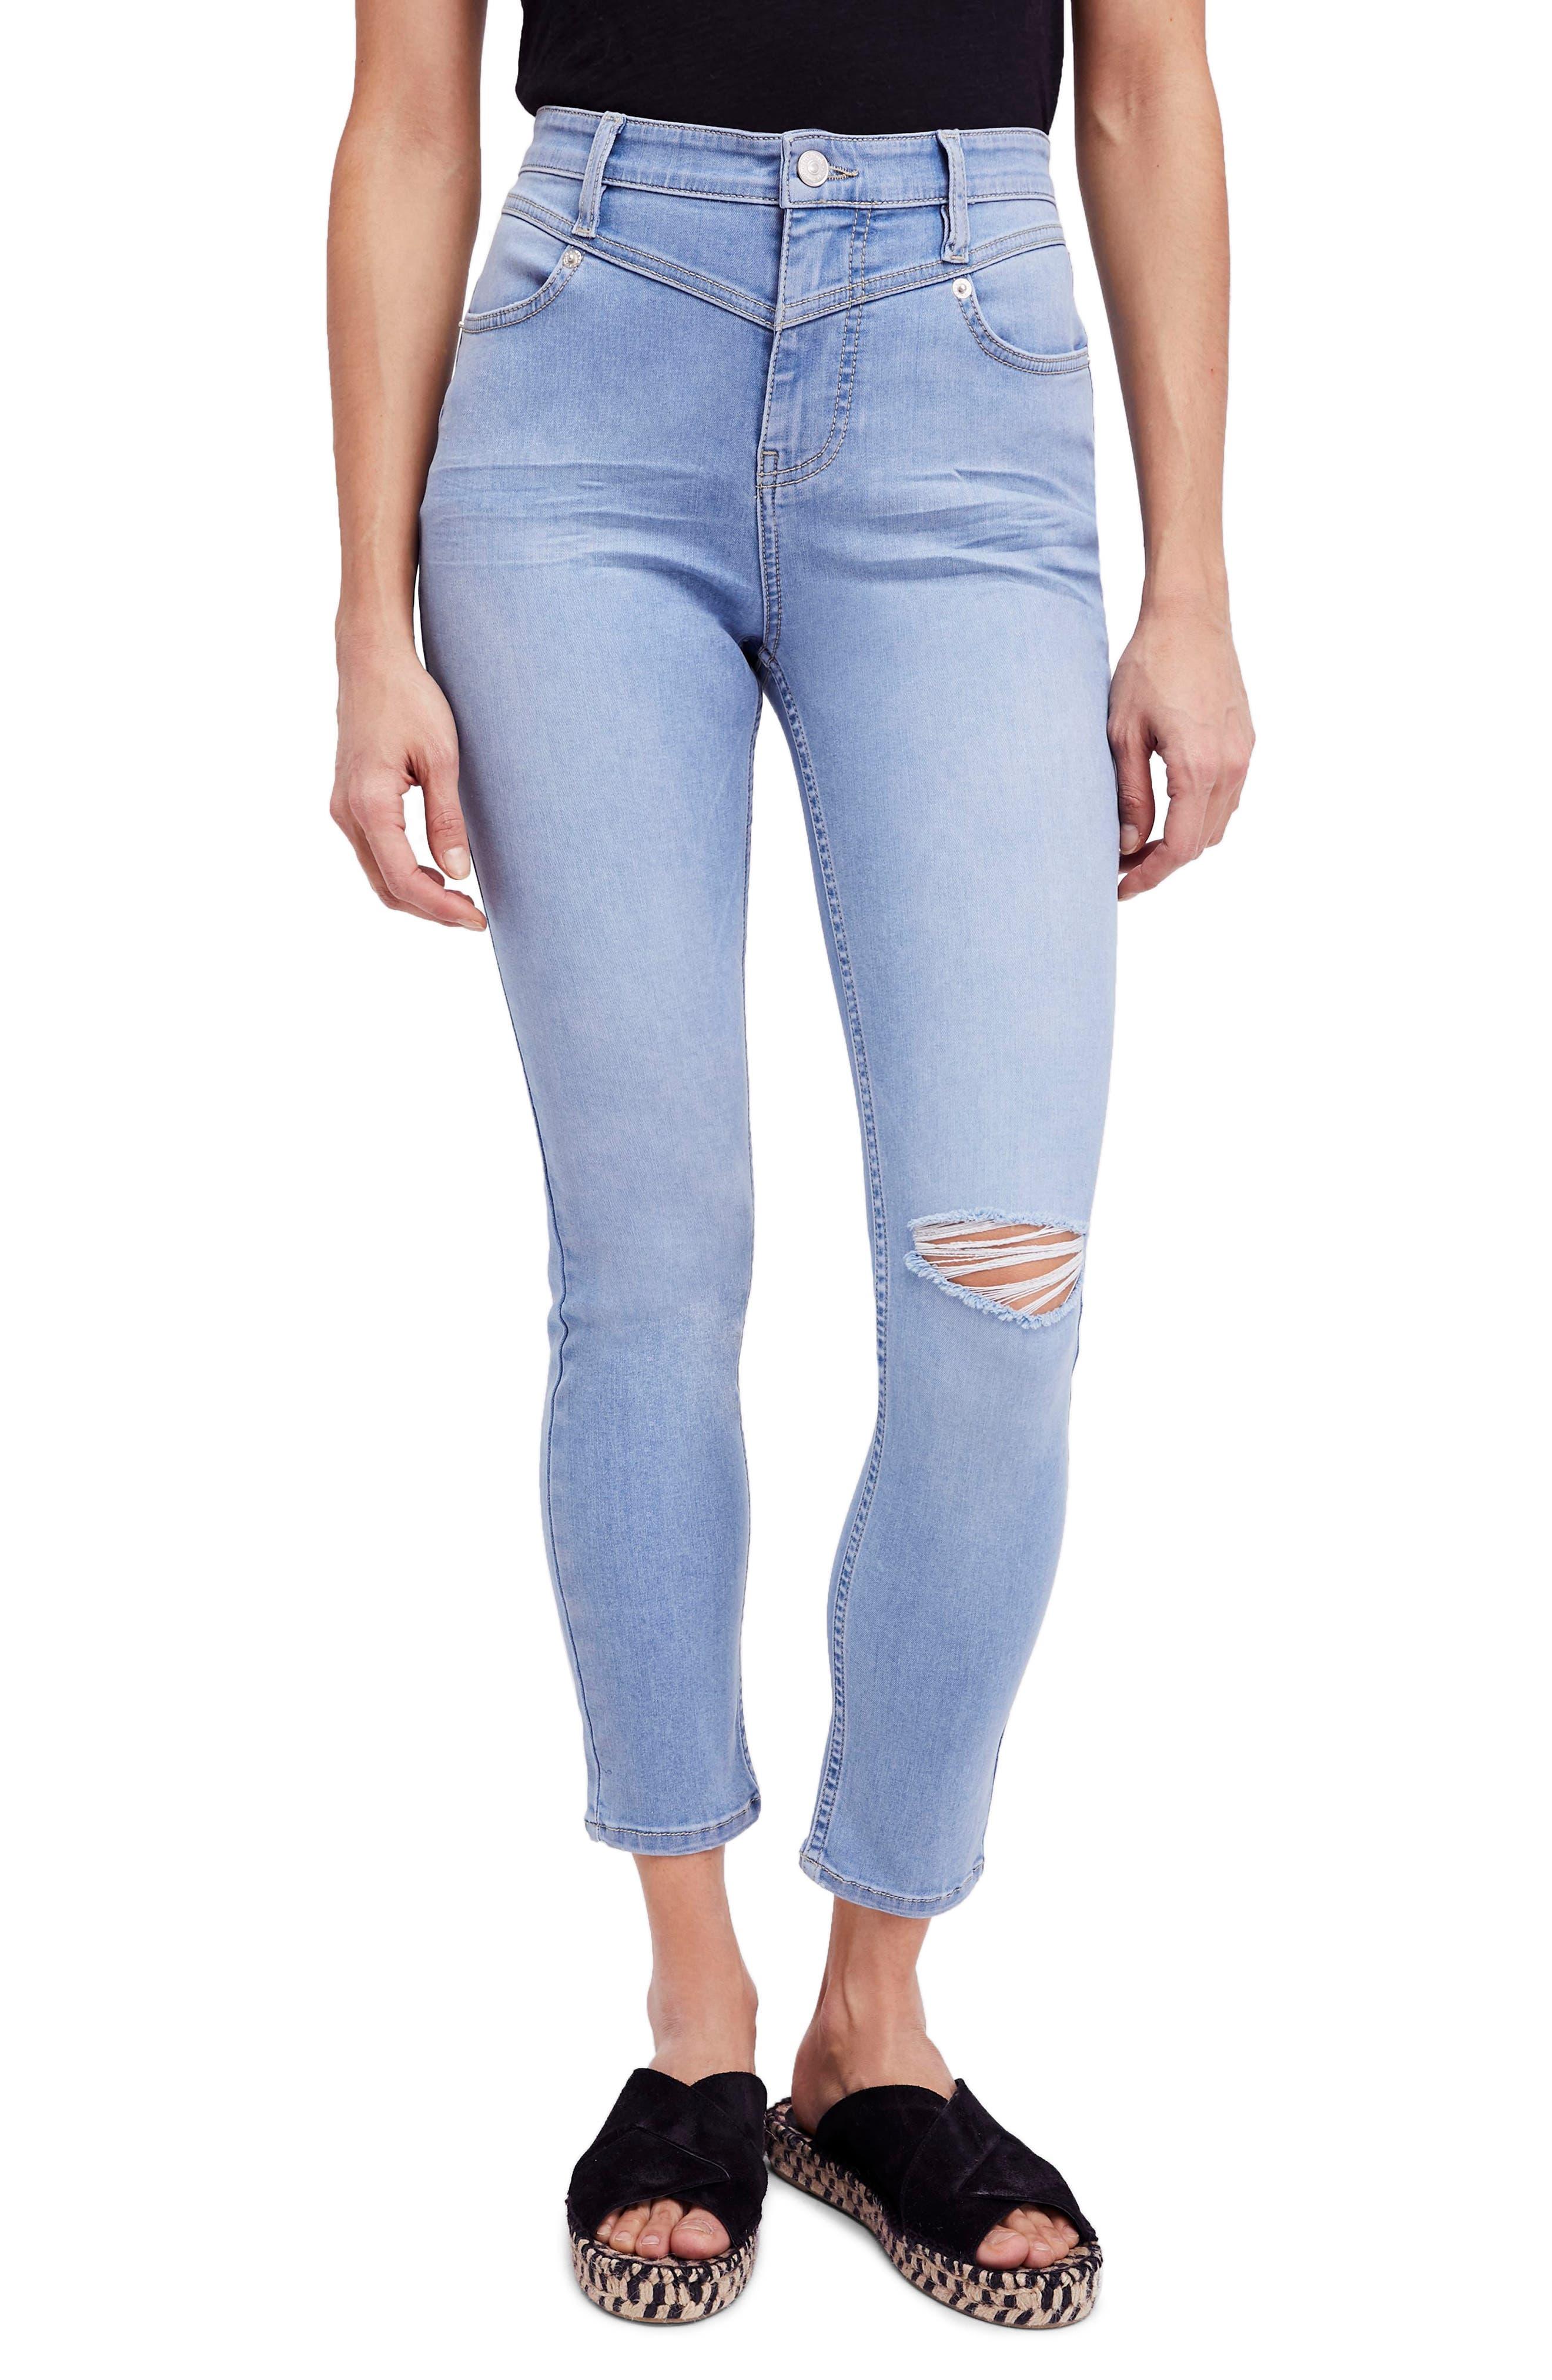 Mara Skinny Jeans,                         Main,                         color, 400